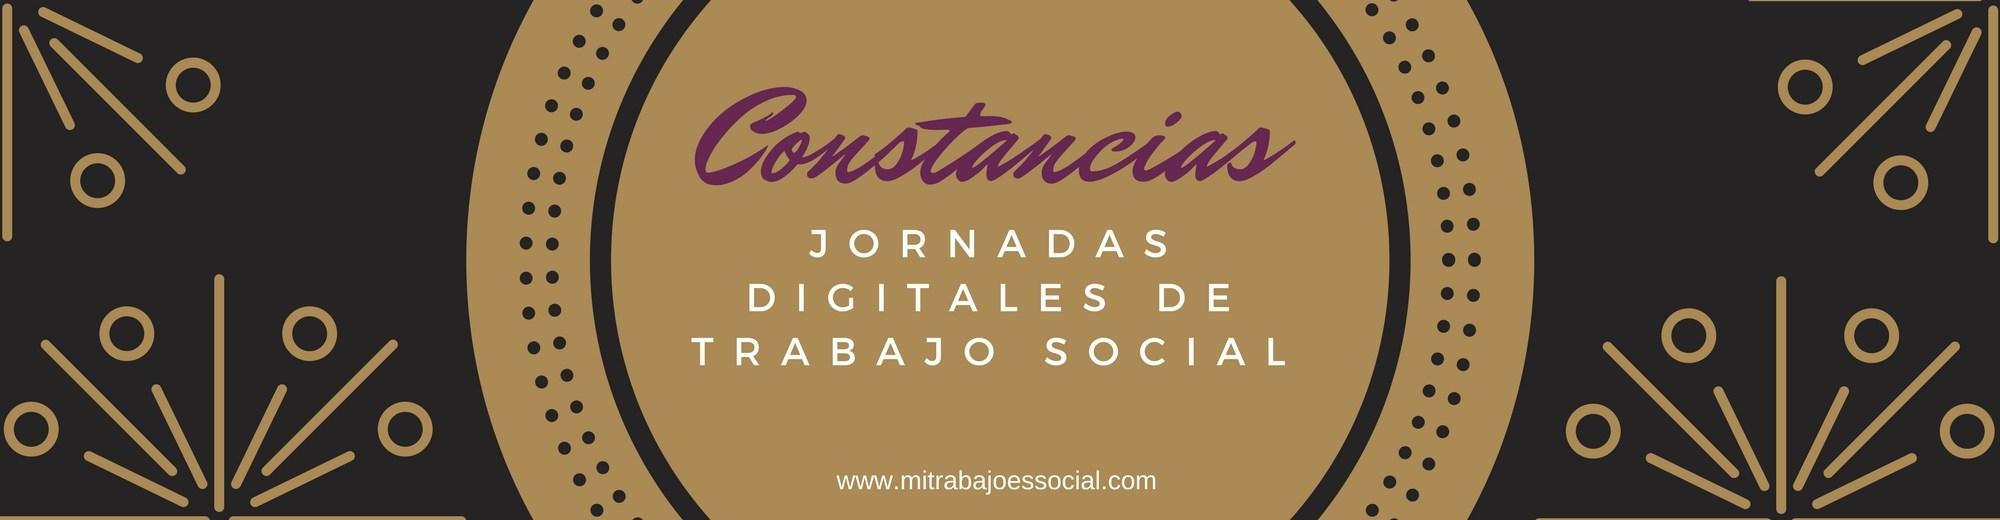 Constancias Jornadas Digitales De Trabajo Social